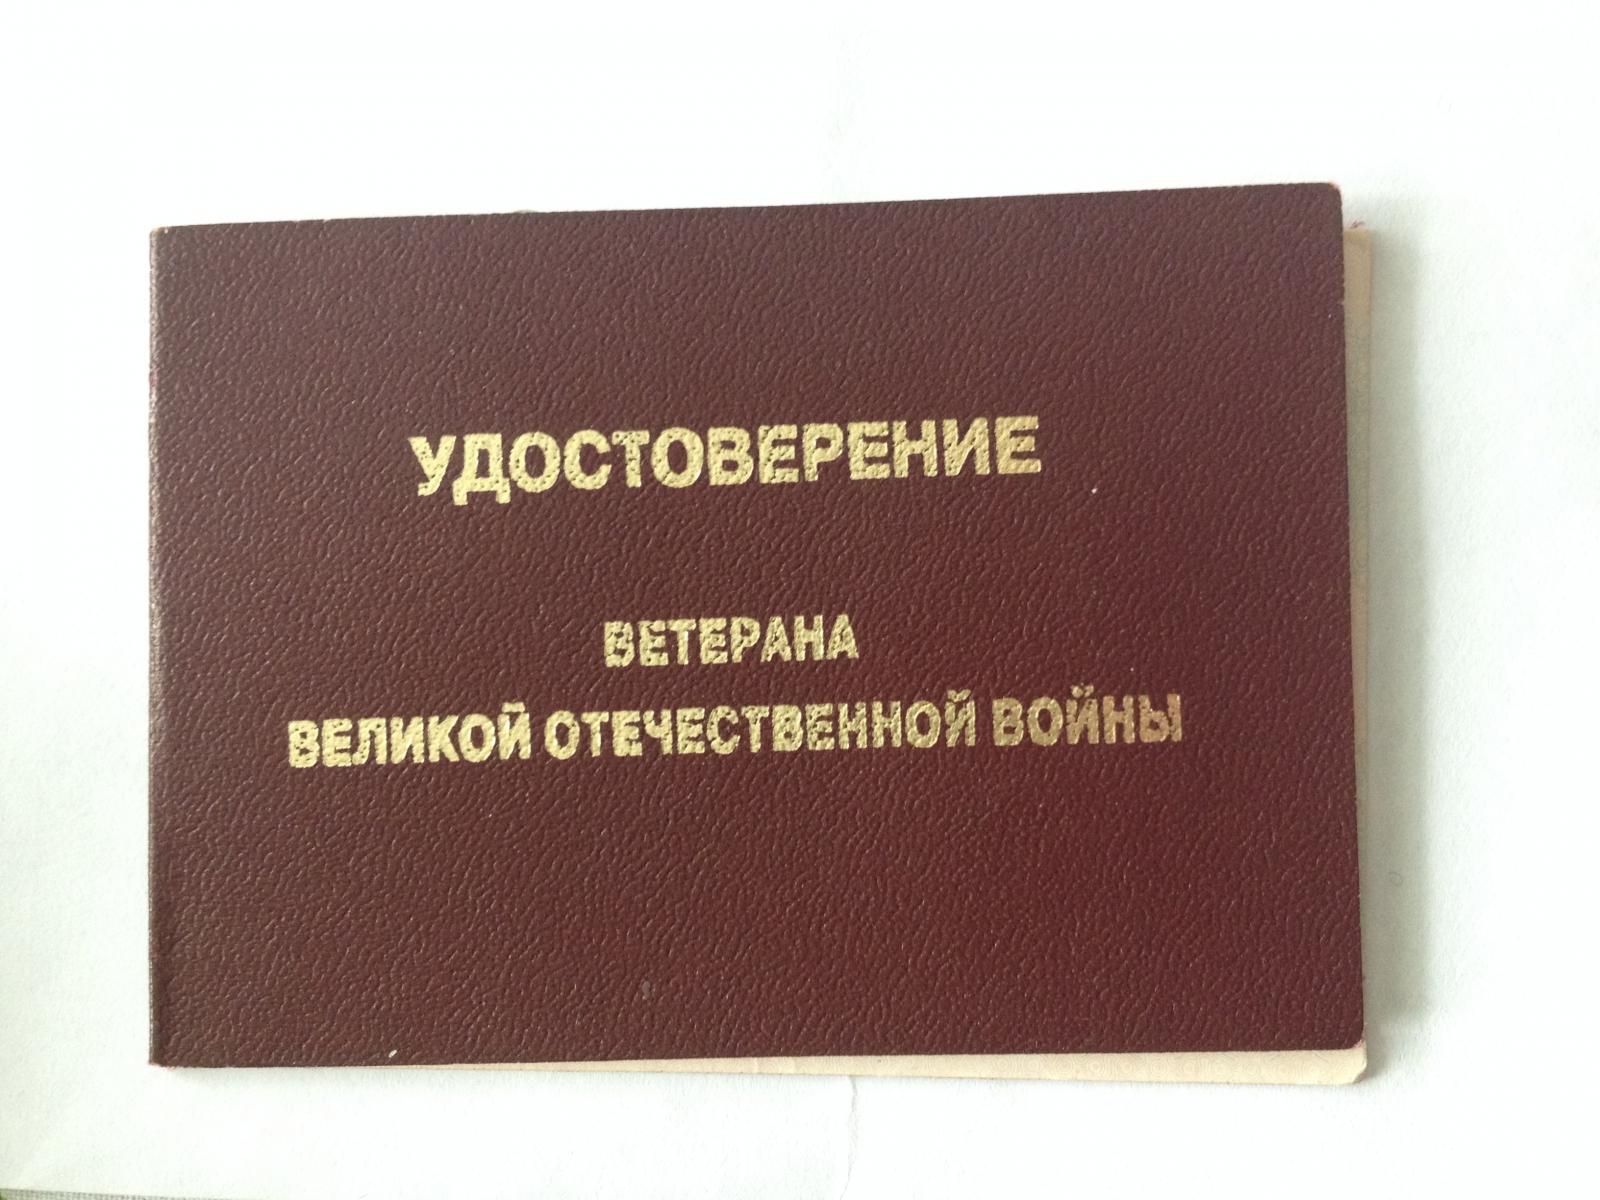 Удостоверение ветерана ВОВ